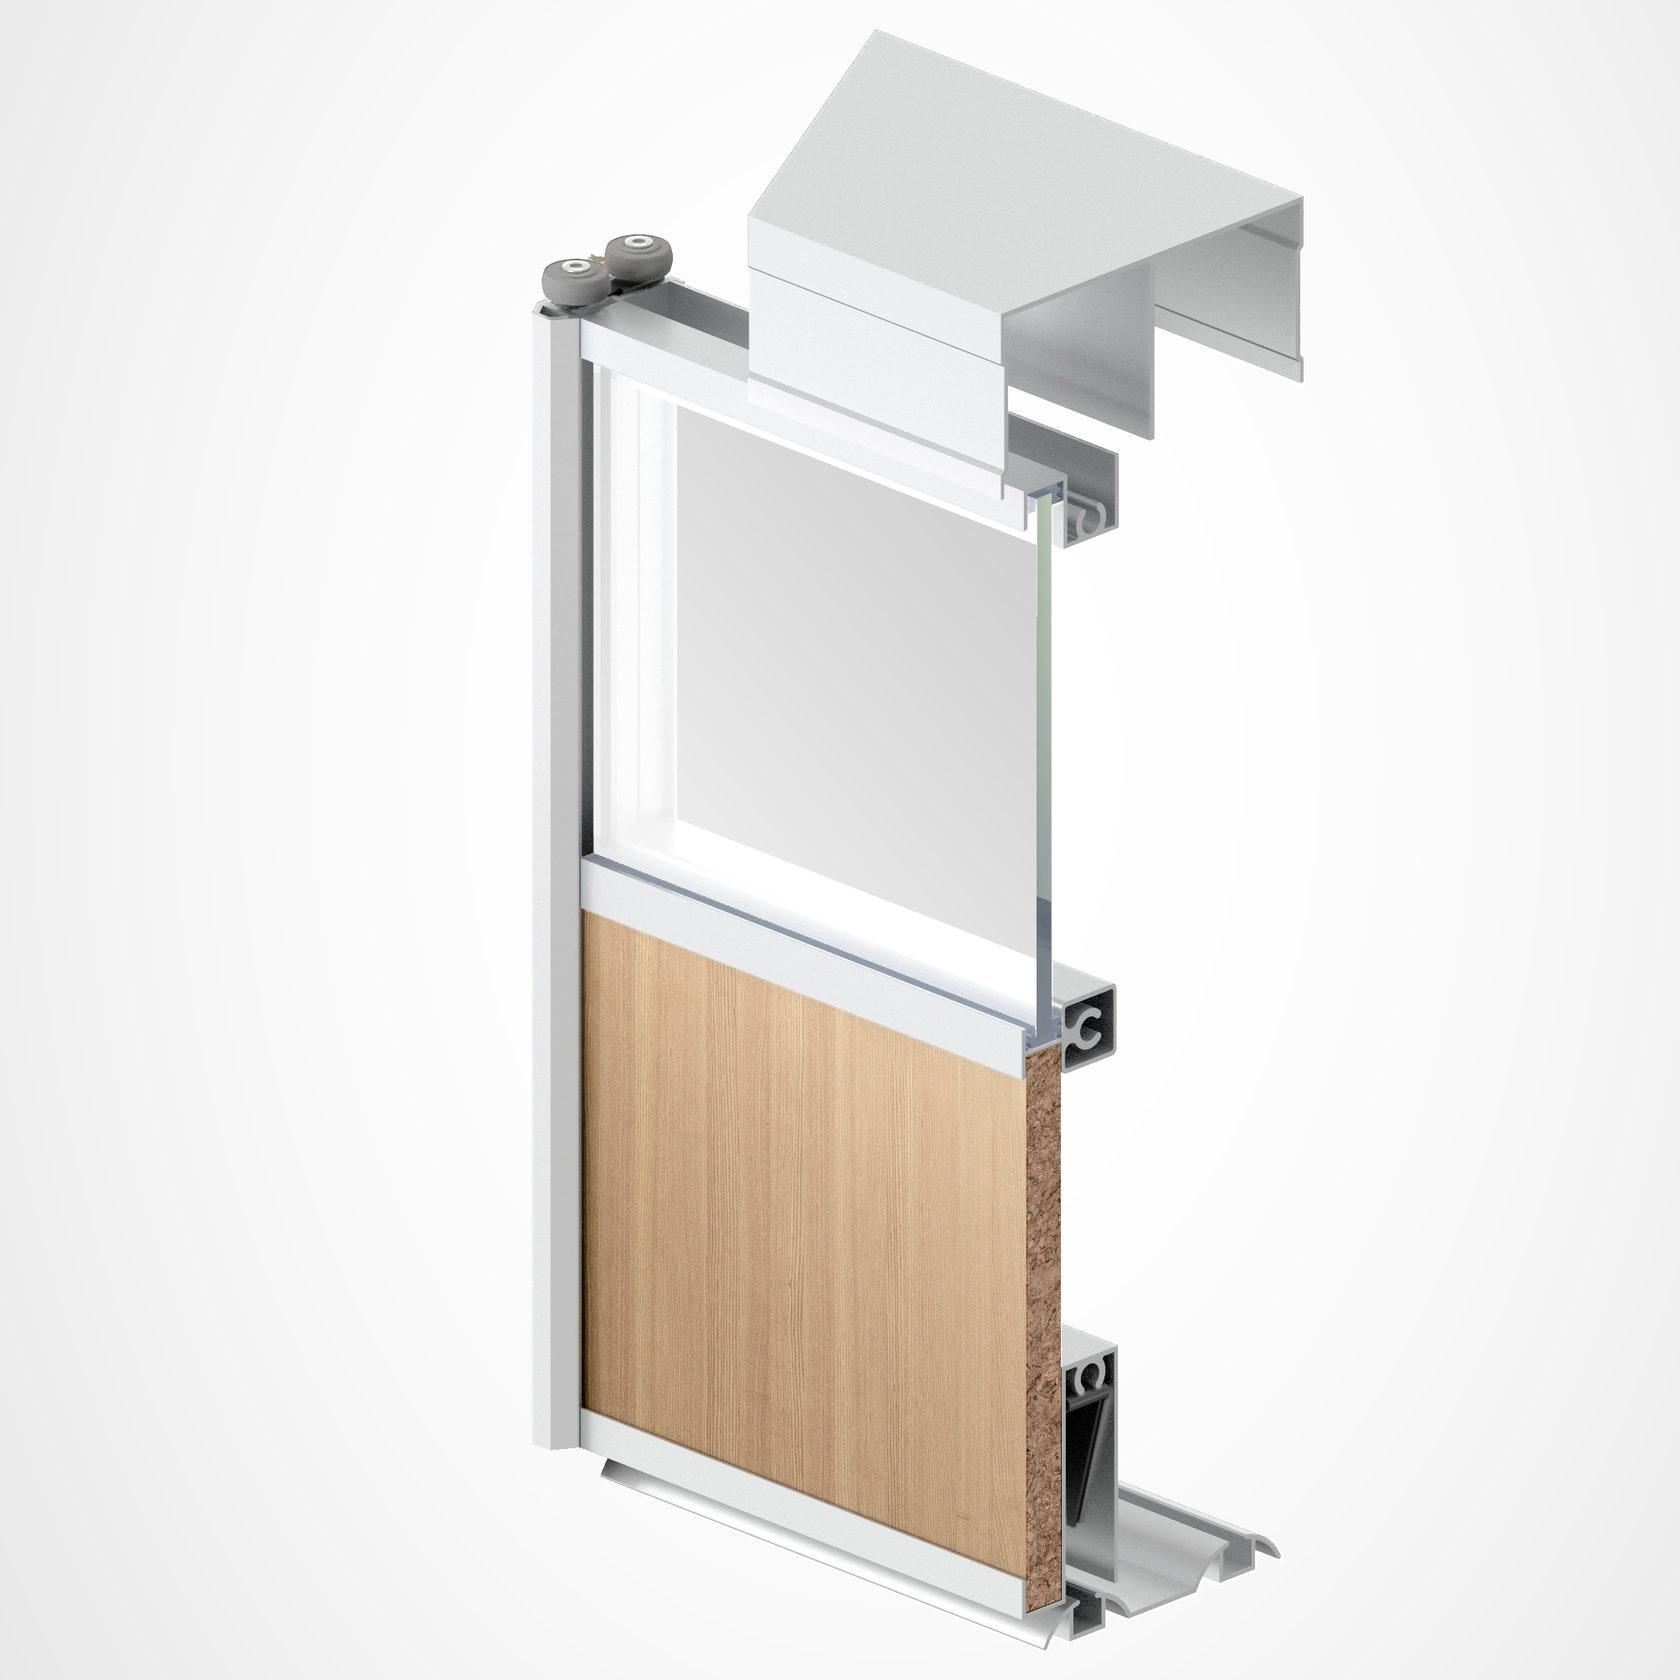 подвесной механизм дверей шкафа